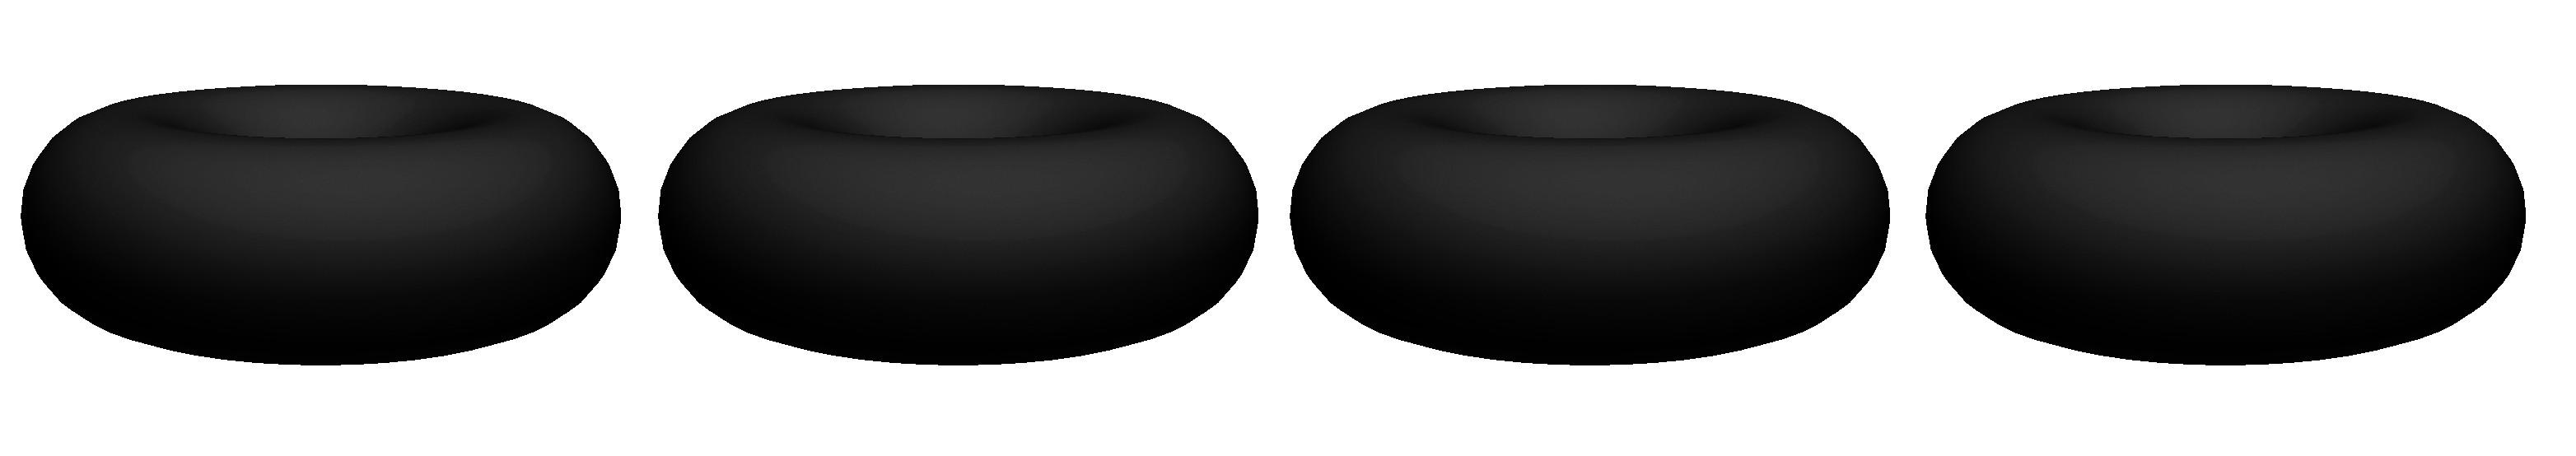 Boite de 4  dessous de plats modulables Jacks Donuts - Noir